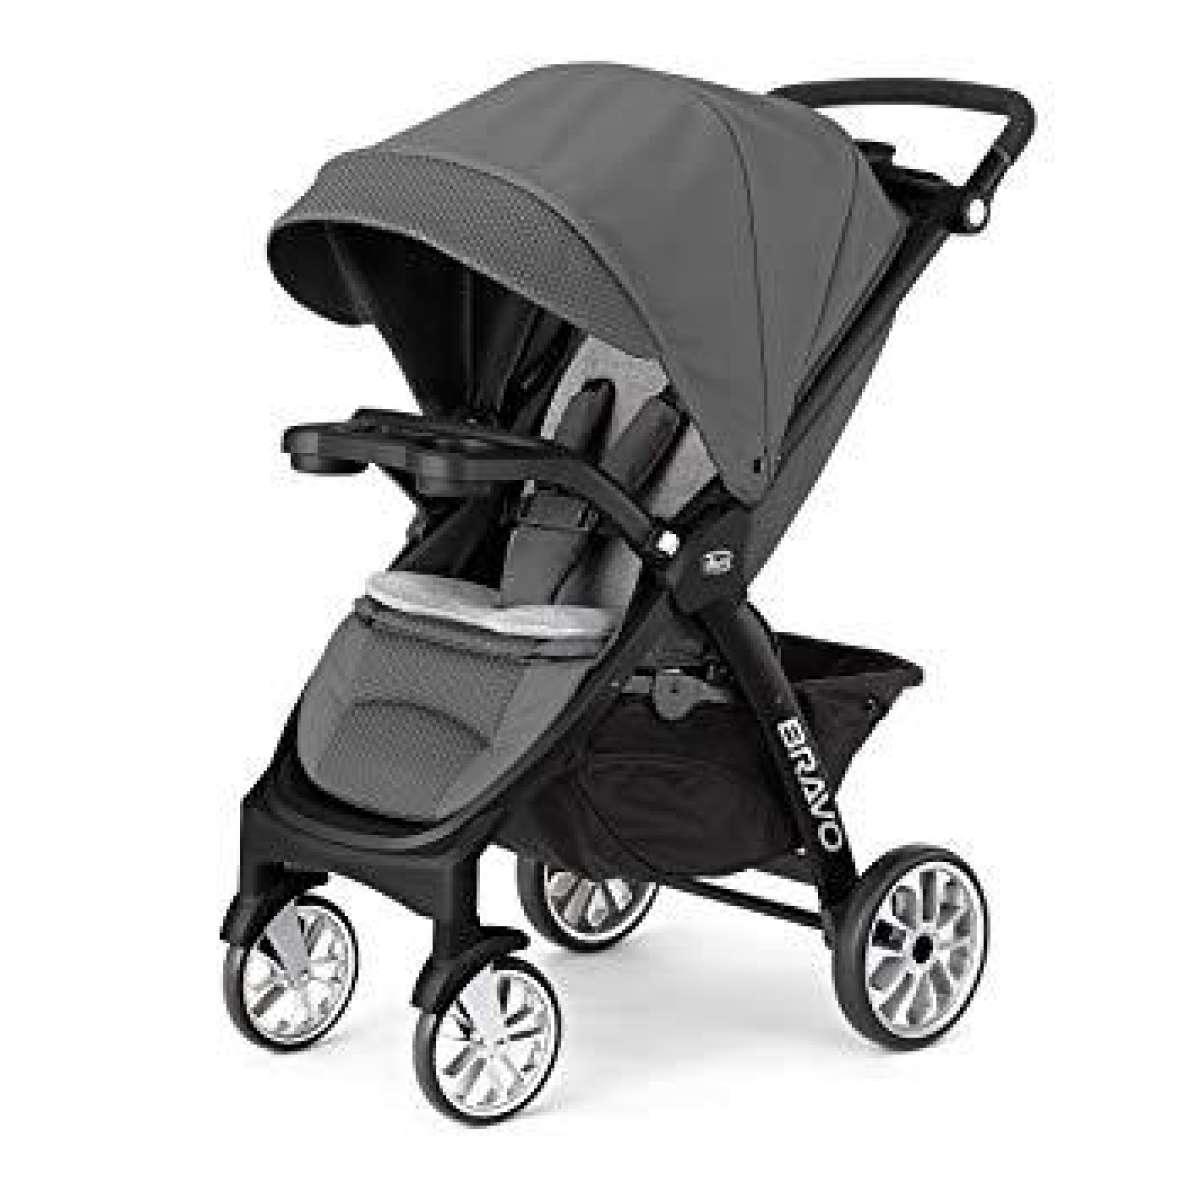 baby stroller For Kids Stroller Prams